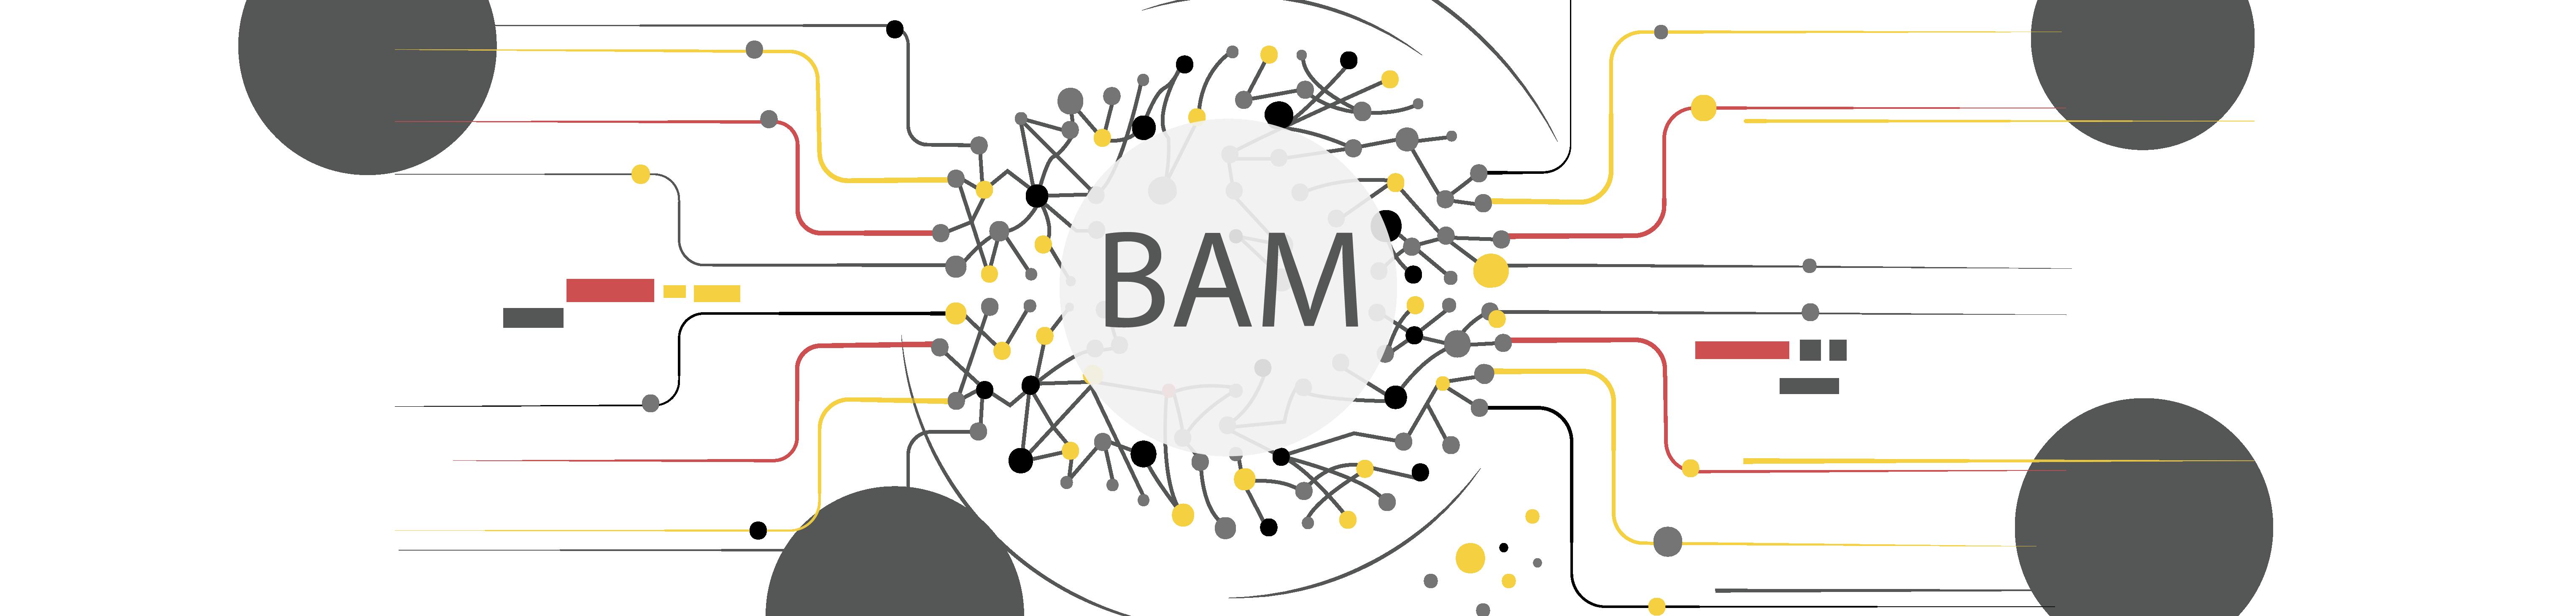 BAM-building-algorithmic-modelling